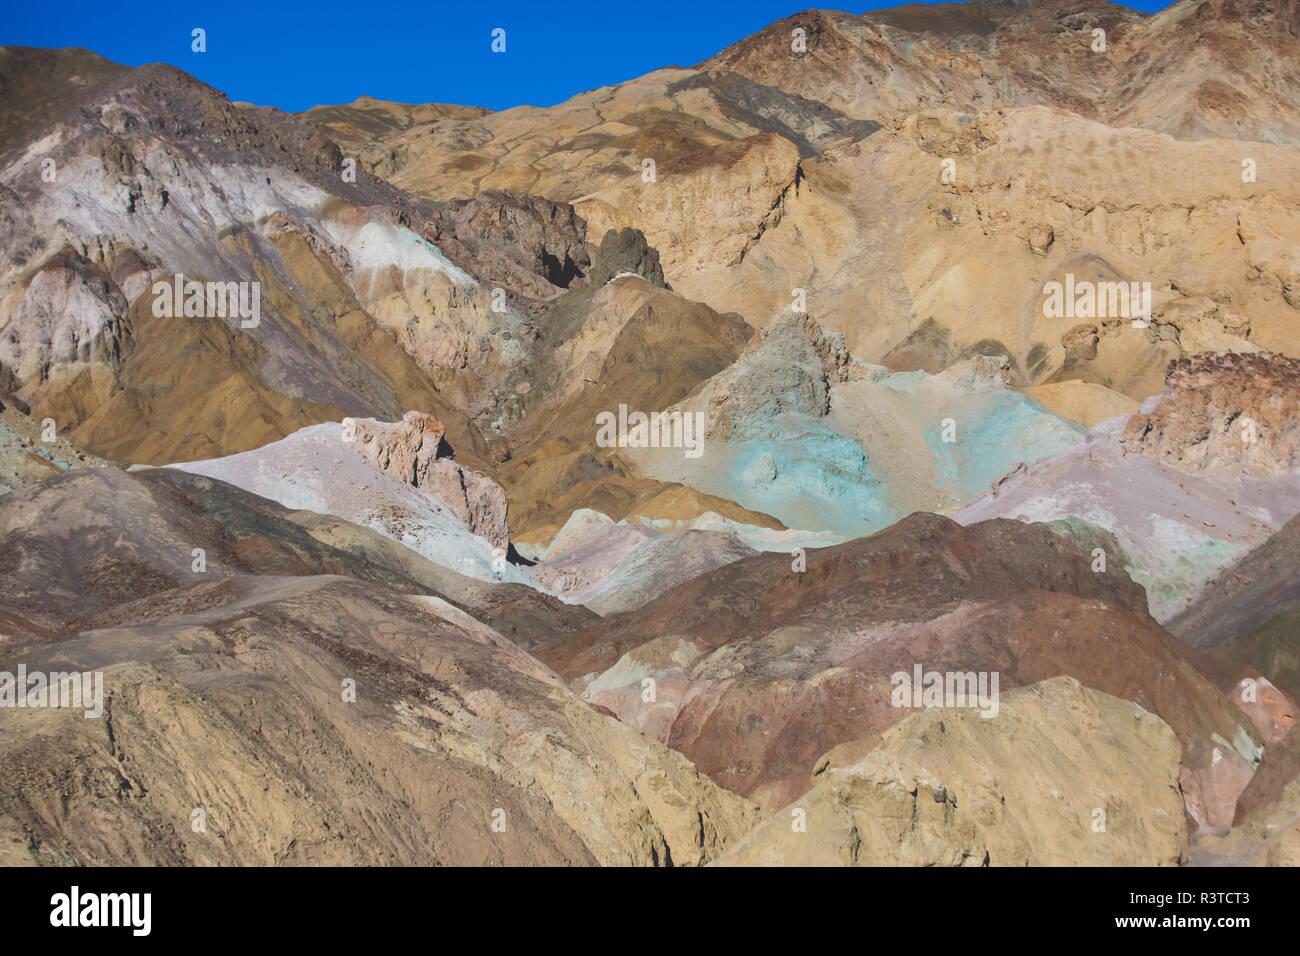 Vue de la palette d'Artistes Artistes en dur dans la Death Valley National Park, Death Valley, comté d'Inyo, California, USA Banque D'Images